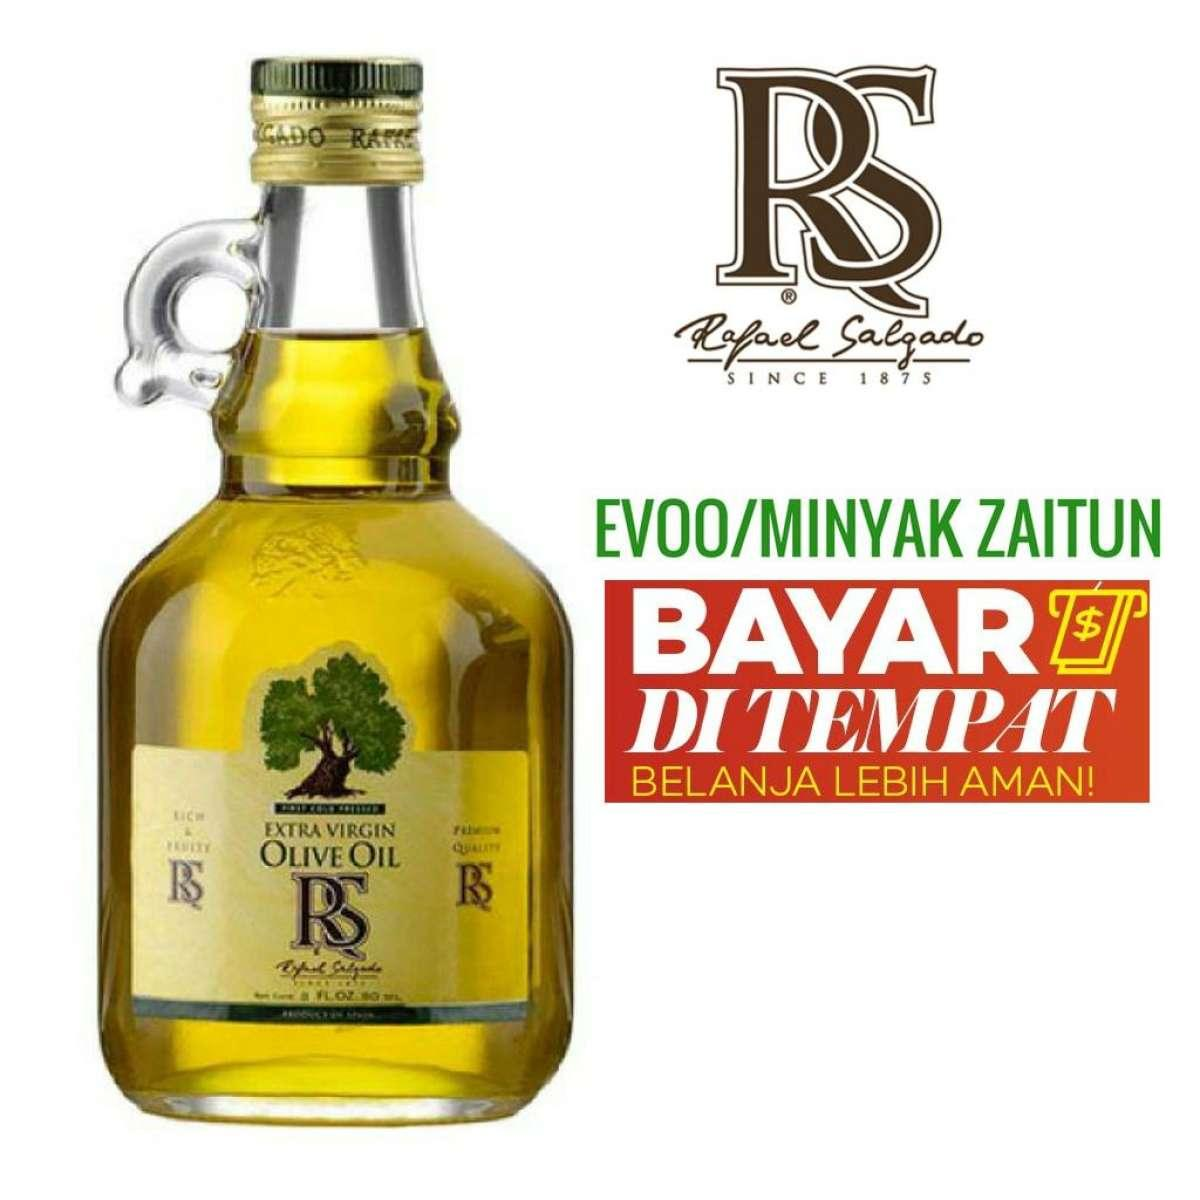 Minyak Zaitun Extra Virgin Olive Oil 40 ML- Minyak Zaitun Asli 100% RS Rafael Salgado - Minyak Zaitun Untuk Diminum, Untuk Kesahatan, Minyak Zaitun Untuk Wajah, Minyak Zaitun Untuk Rambut, Minyak Zaitun Murni, hpai, bertolli, borges, mustika ratu kapsul